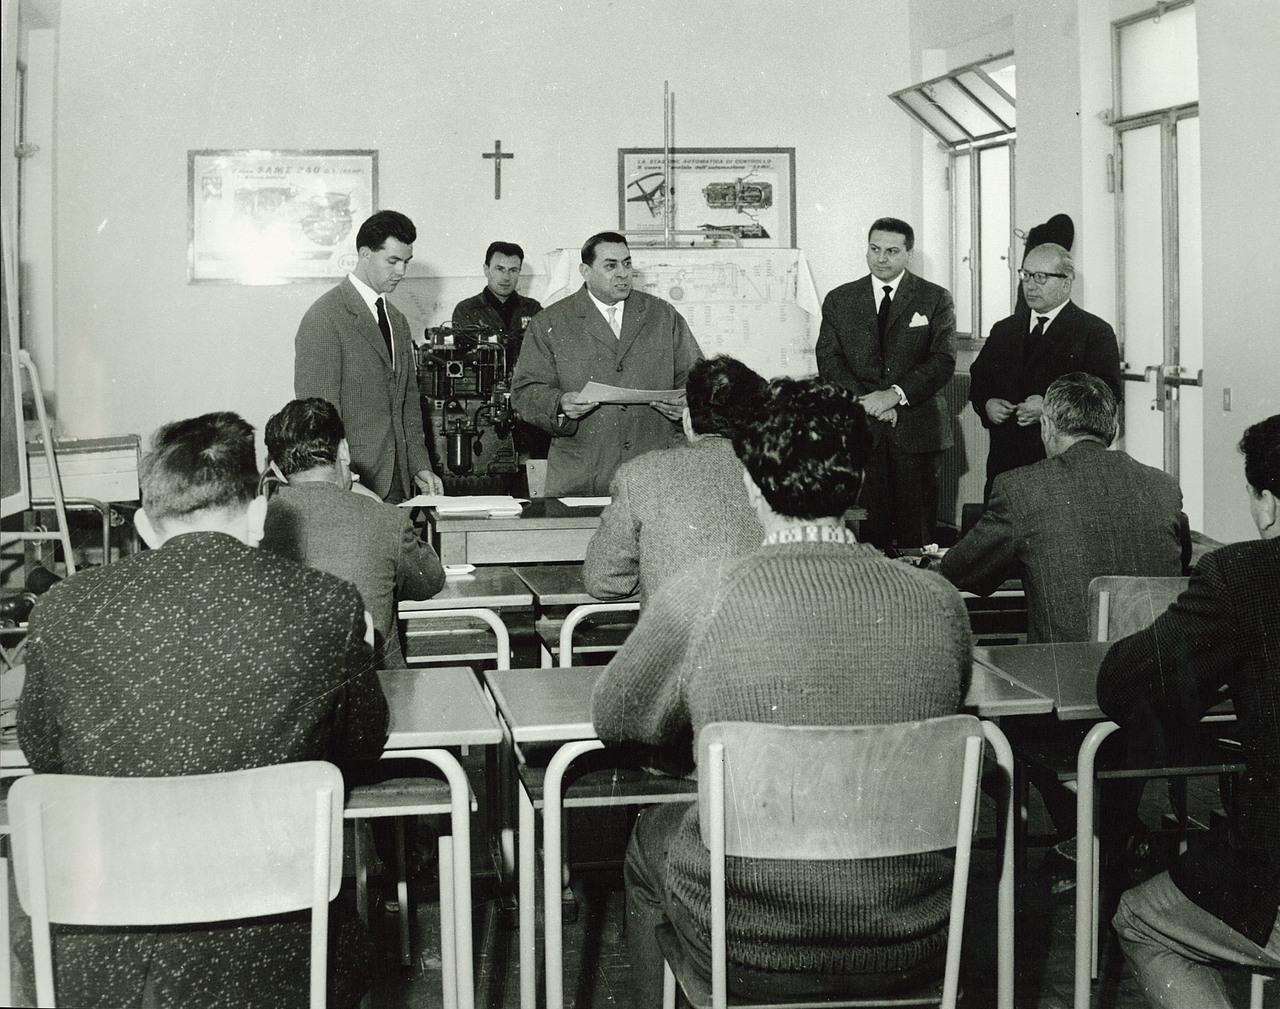 Ing.- F. Cassani consegna i diplomi di partecipazione al corso meccanici